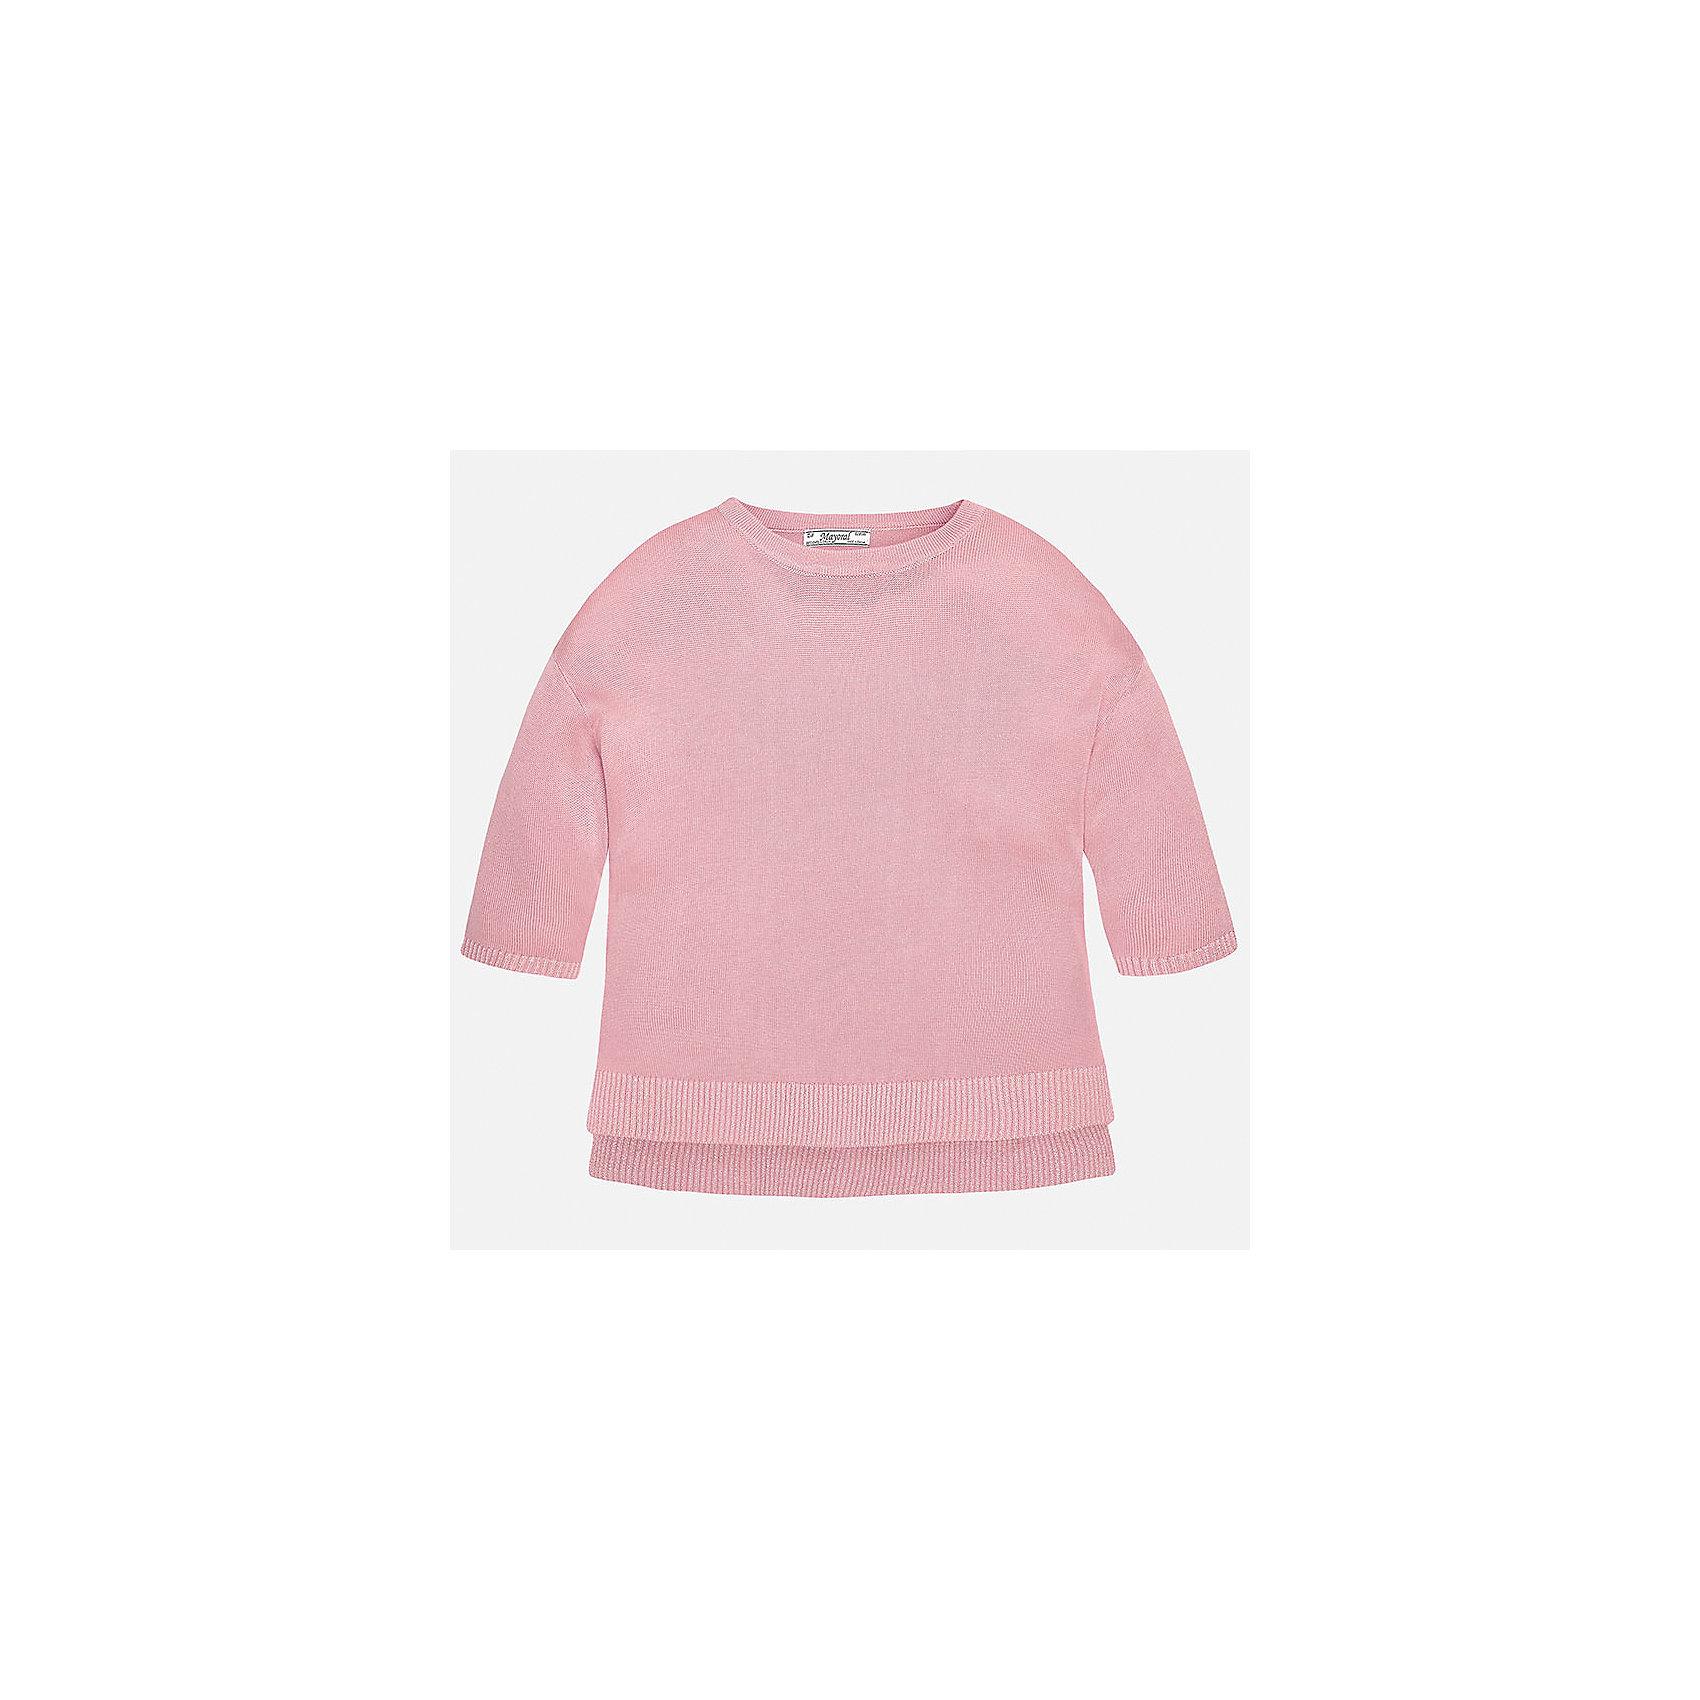 Свитер для девочки MayoralСвитера и кардиганы<br>Характеристики товара:<br><br>• цвет: розовый<br>• состав: 99% вискоза, 1% металлизированная нить<br>• рукава короткие, 3/4<br>• горловой вырез округлый<br>• отделка краев<br>• страна бренда: Испания<br><br>Удобный и красивый свитер для девочки поможет разнообразить гардероб ребенка и украсить наряд. Он отлично сочетается и с юбками, и с брюками. Универсальный цвет позволяет подобрать к вещи низ различных расцветок. Интересная отделка модели делает её нарядной и оригинальной. <br><br>Одежда, обувь и аксессуары от испанского бренда Mayoral полюбились детям и взрослым по всему миру. Модели этой марки - стильные и удобные. Для их производства используются только безопасные, качественные материалы и фурнитура. Порадуйте ребенка модными и красивыми вещами от Mayoral! <br><br>Свитер для девочки от испанского бренда Mayoral (Майорал) можно купить в нашем интернет-магазине.<br><br>Ширина мм: 190<br>Глубина мм: 74<br>Высота мм: 229<br>Вес г: 236<br>Цвет: розовый<br>Возраст от месяцев: 156<br>Возраст до месяцев: 168<br>Пол: Женский<br>Возраст: Детский<br>Размер: 164,128/134,140,152,158<br>SKU: 5292749